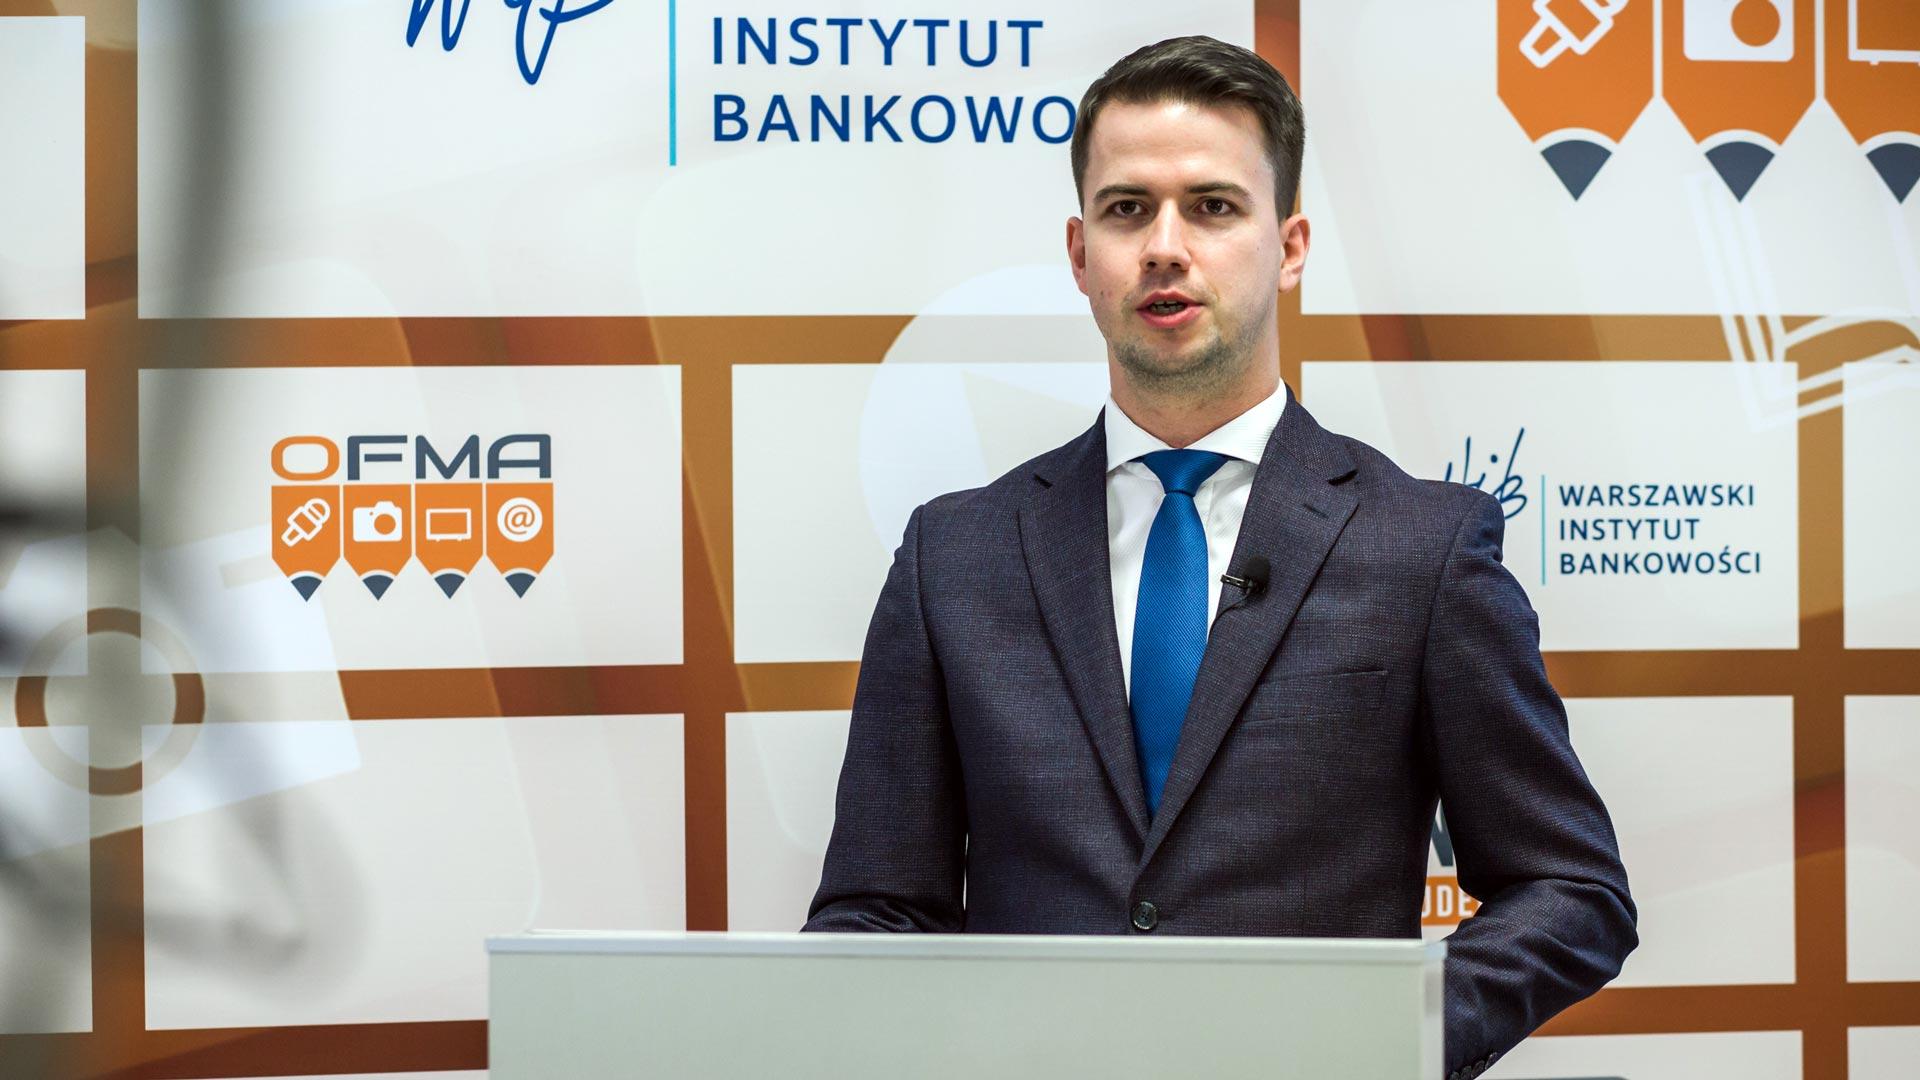 Konferencja Krajowa OFMA 2020 - Otwarcie - Michał Polak